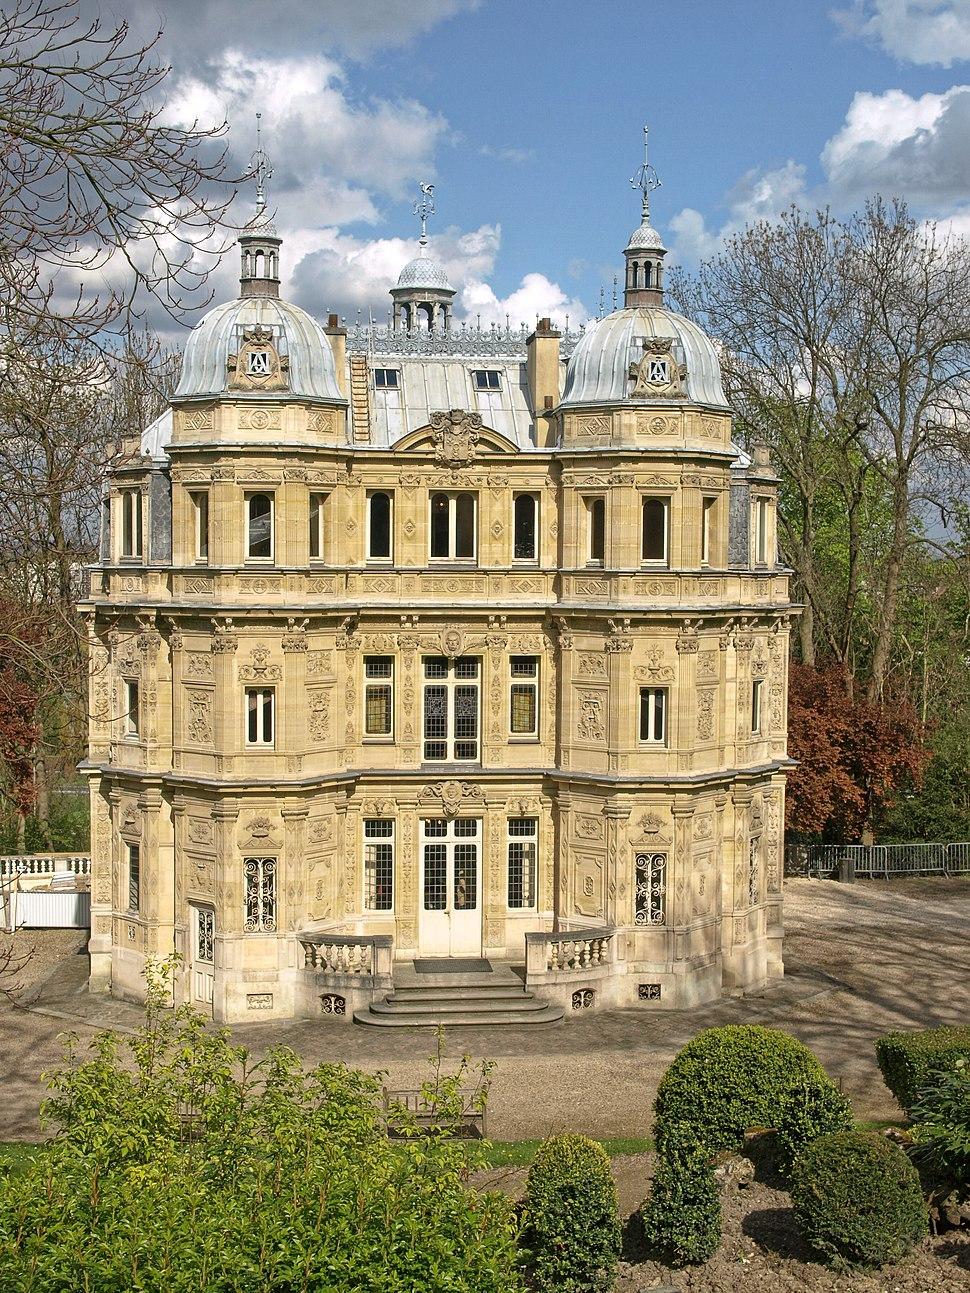 Maison Dumas Château de Monte-Cristo 01